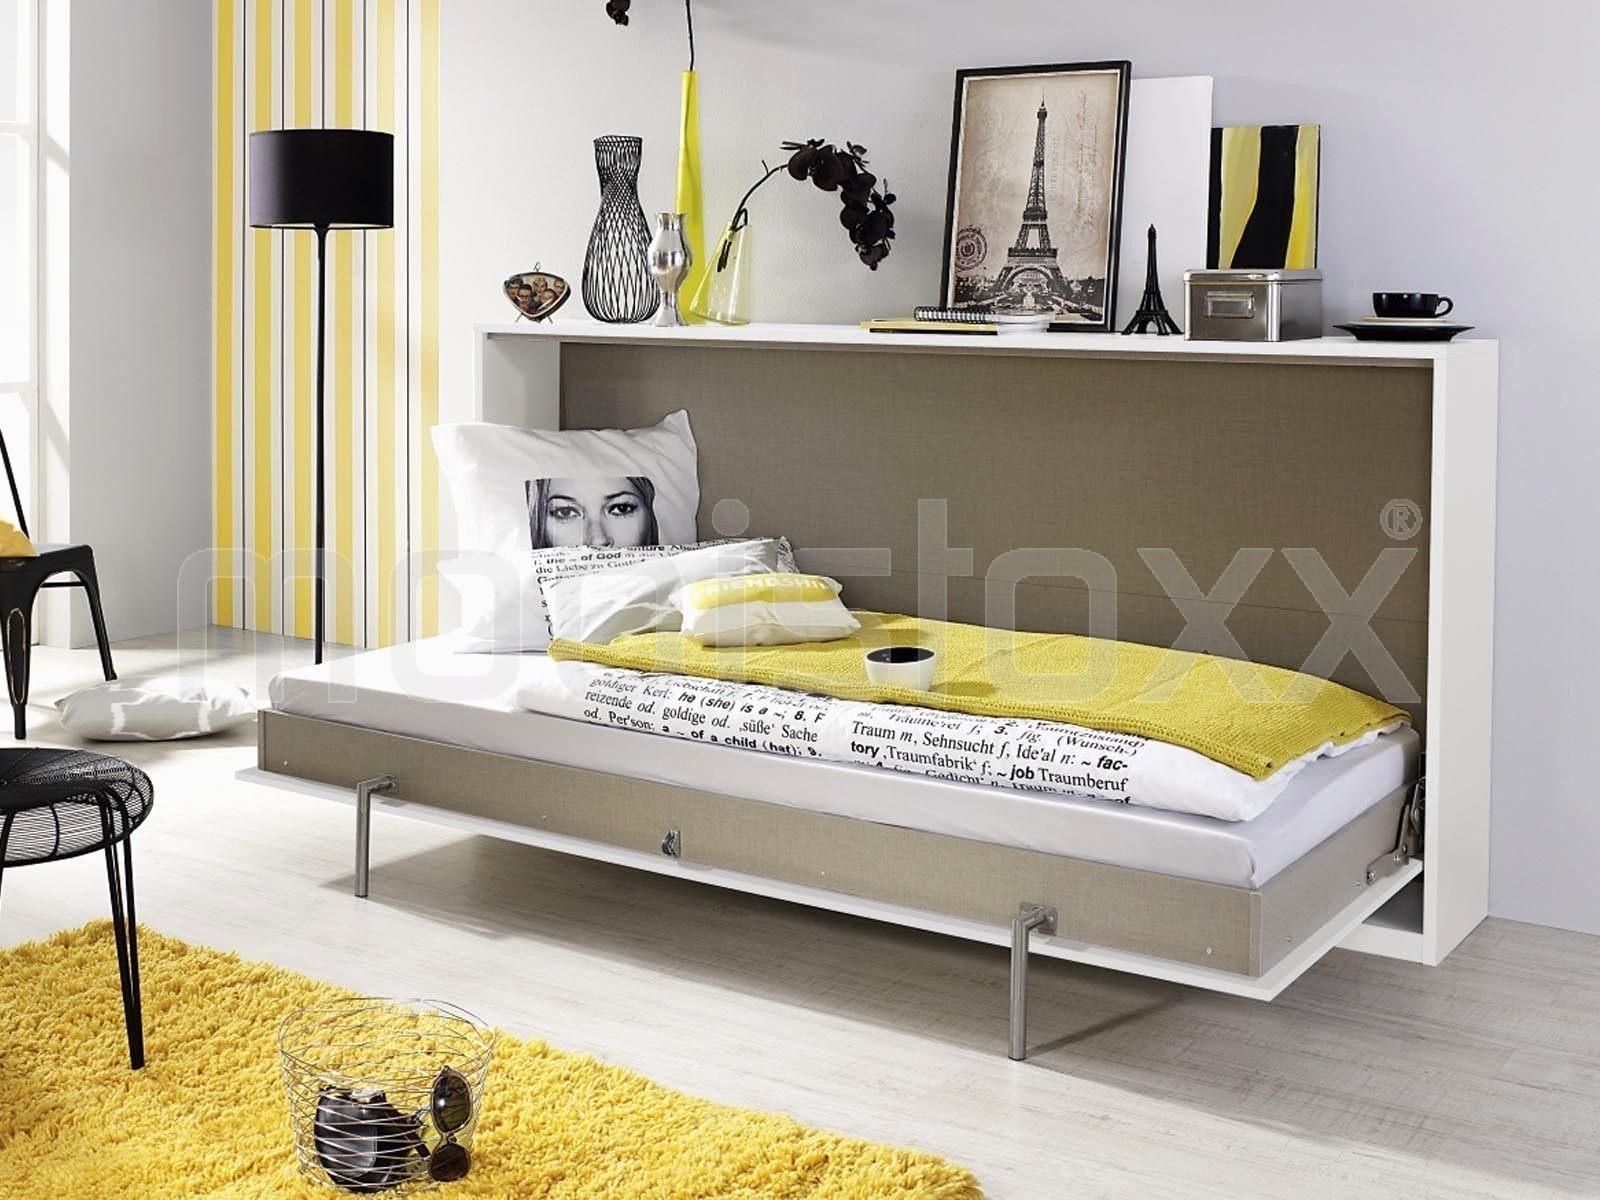 Sommier Tete De Lit 160x200 Impressionnant Lit Maison De La Literie 32 Luxe Graphie De Tete De Lit Maison De La